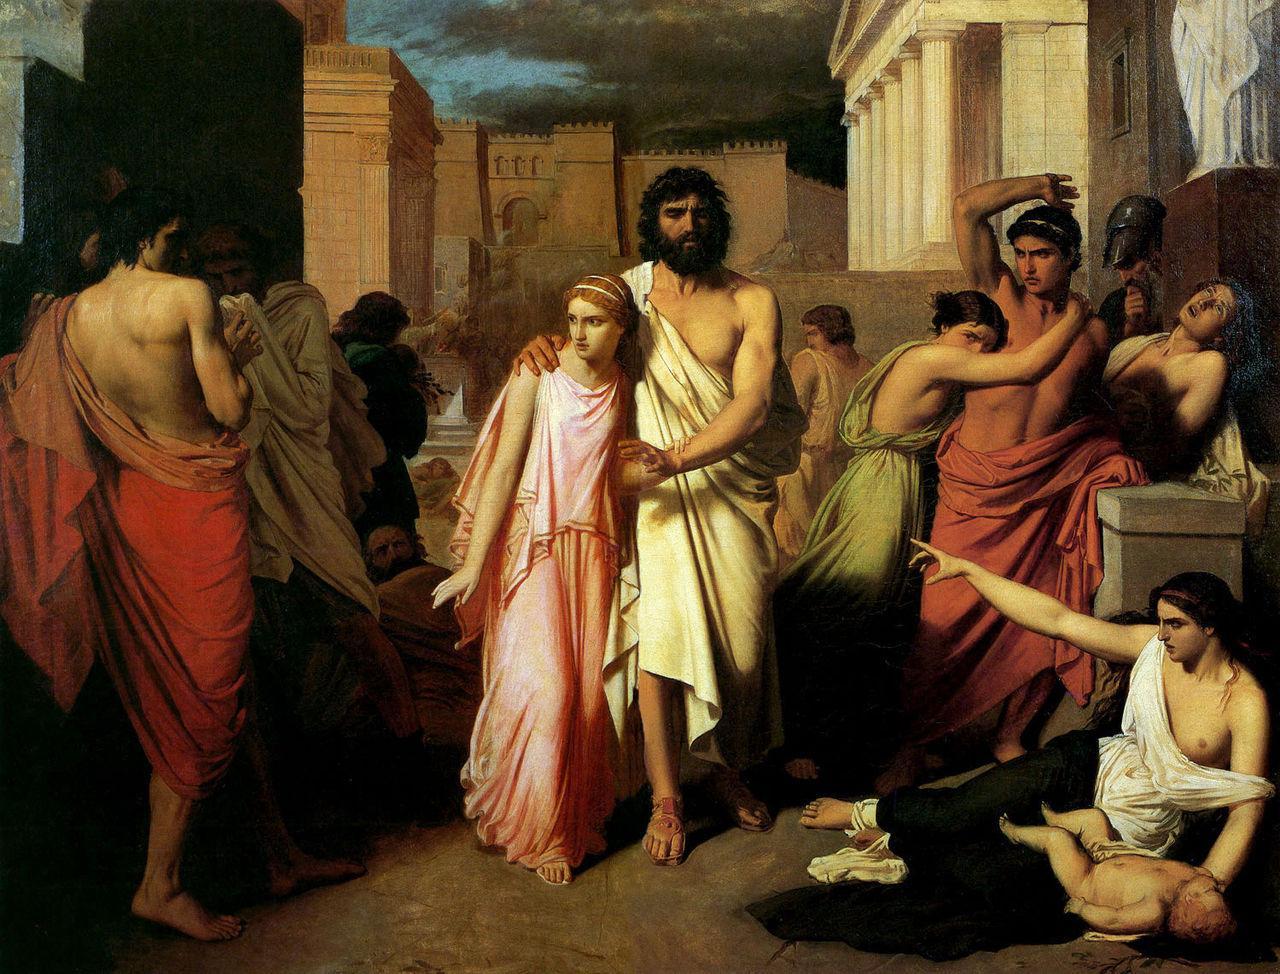 但丁的奇幻之旅|18. 沙地火雨,高傲的将军,正直的公主,与俄狄浦斯的悲剧